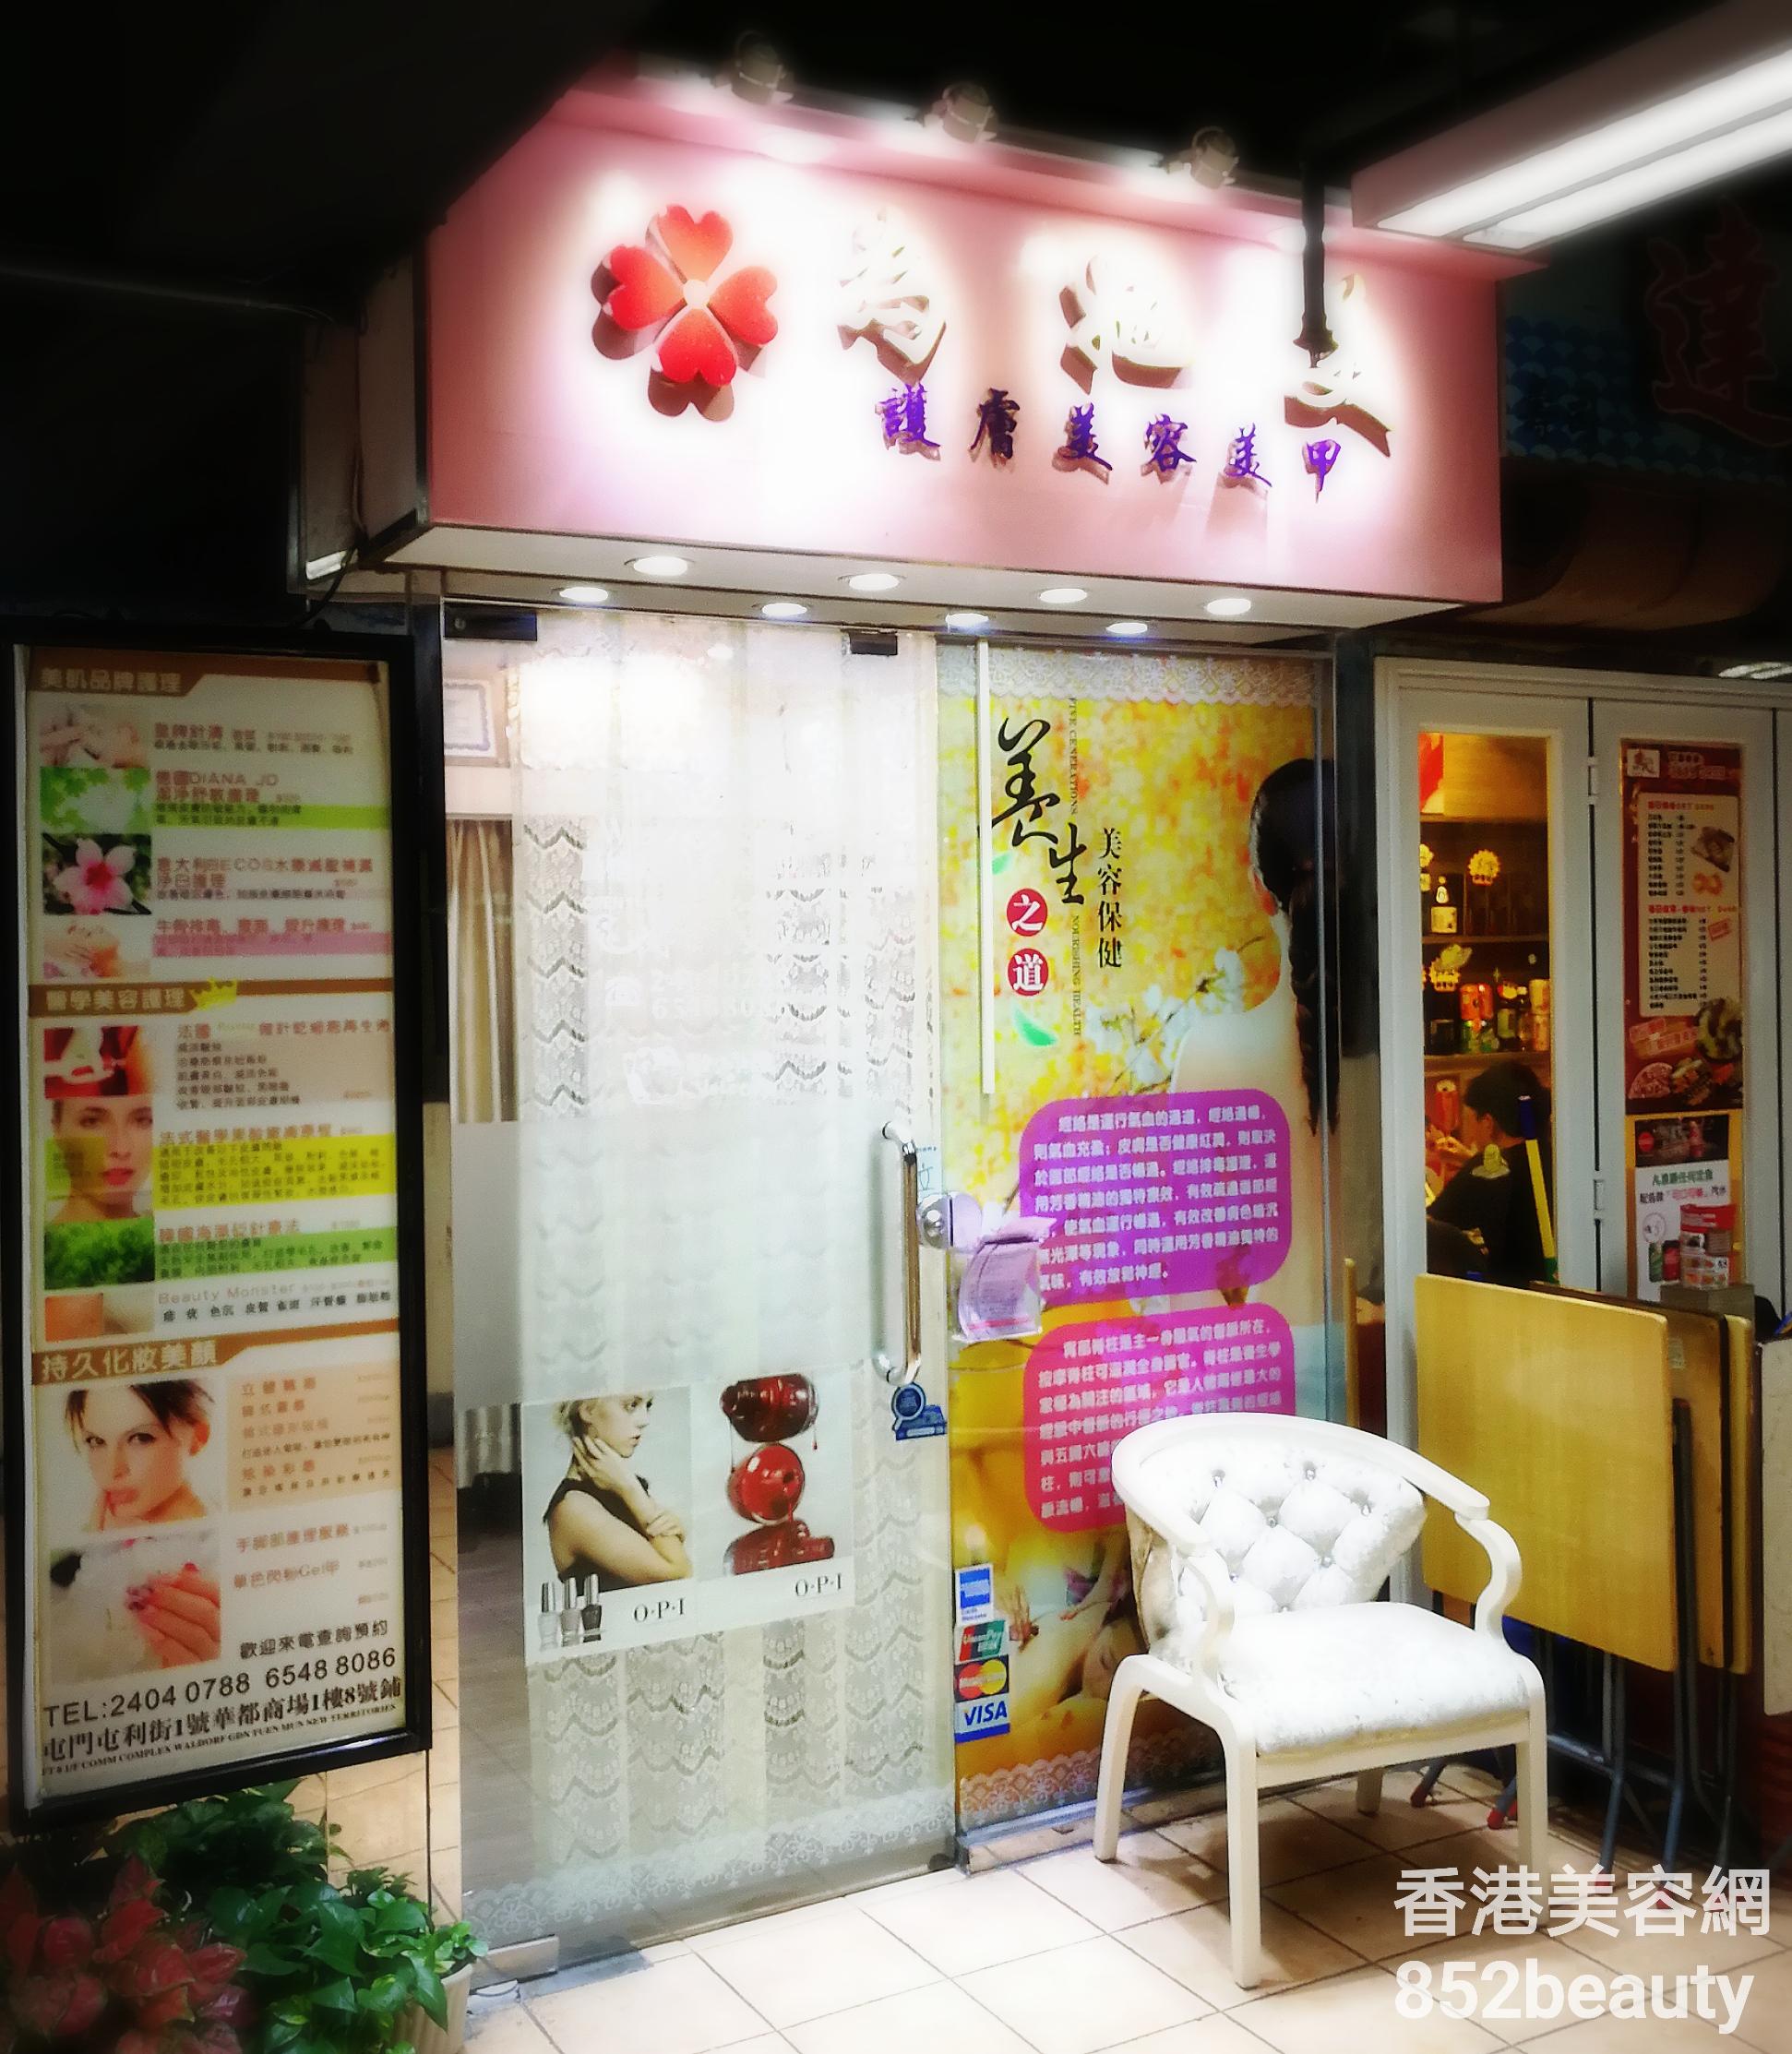 香港美容院 美容師 : 為她美 @青年創業軍